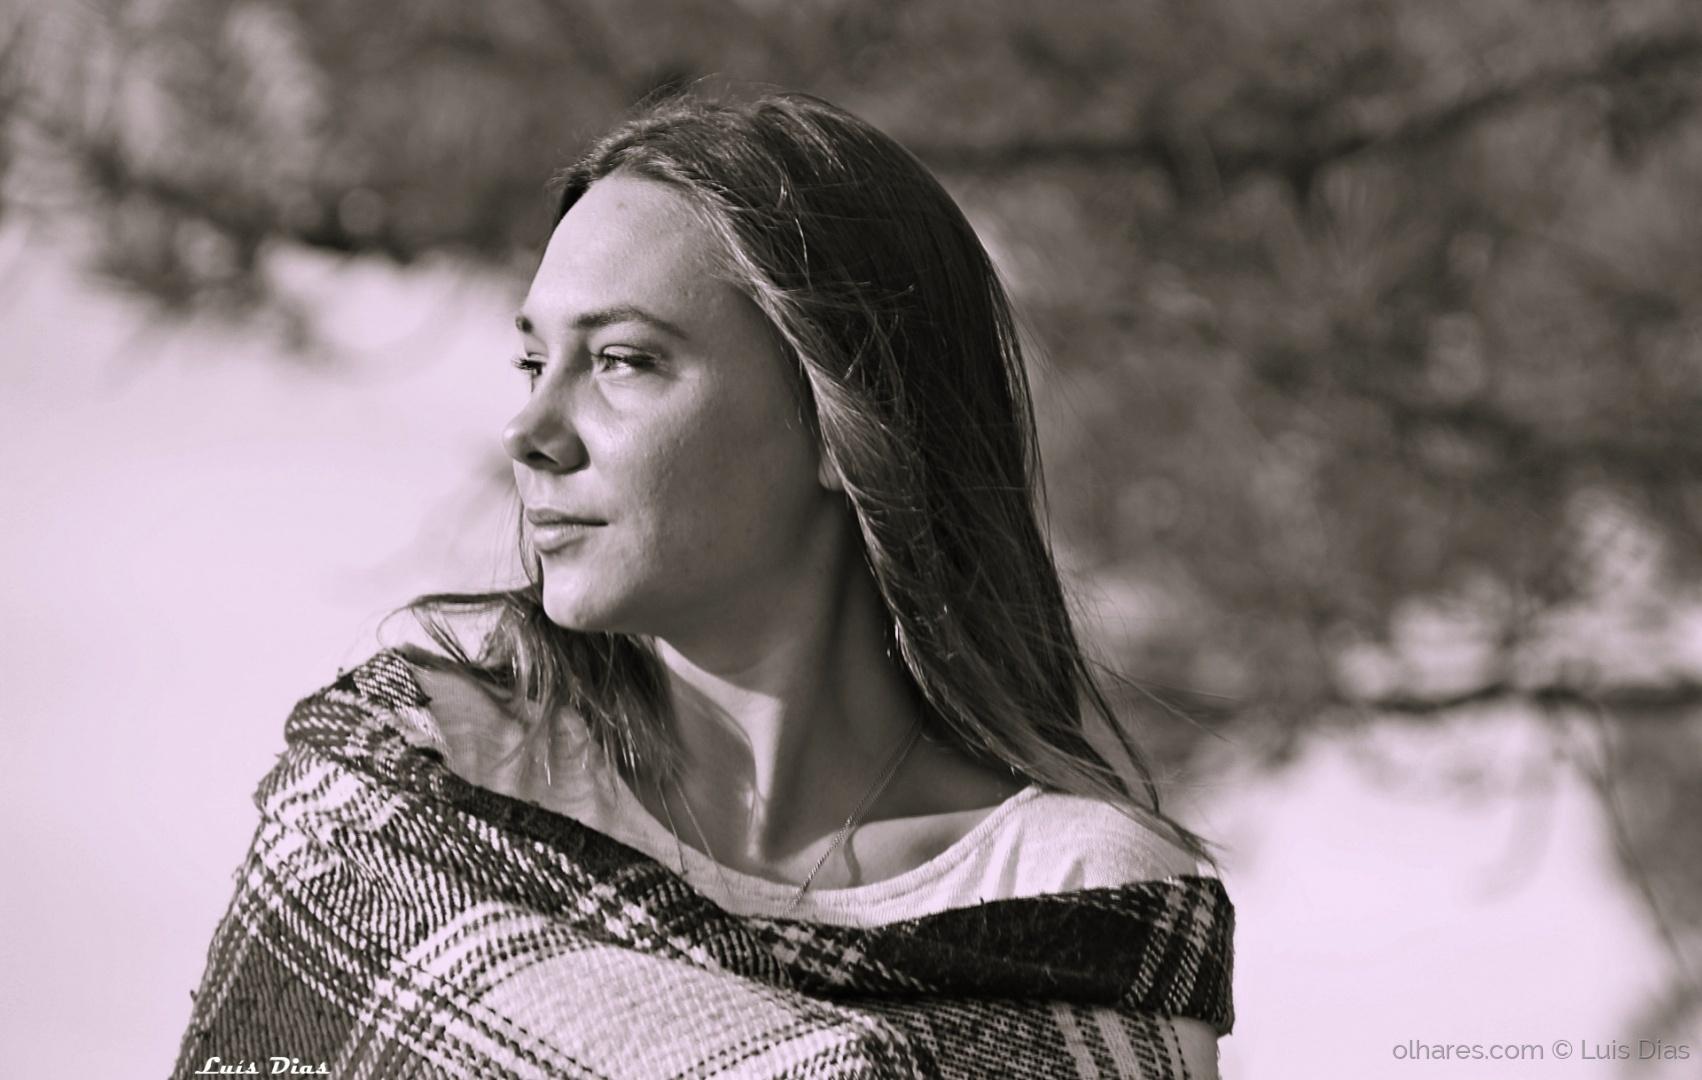 Retratos/''Inverno...dias de frio''